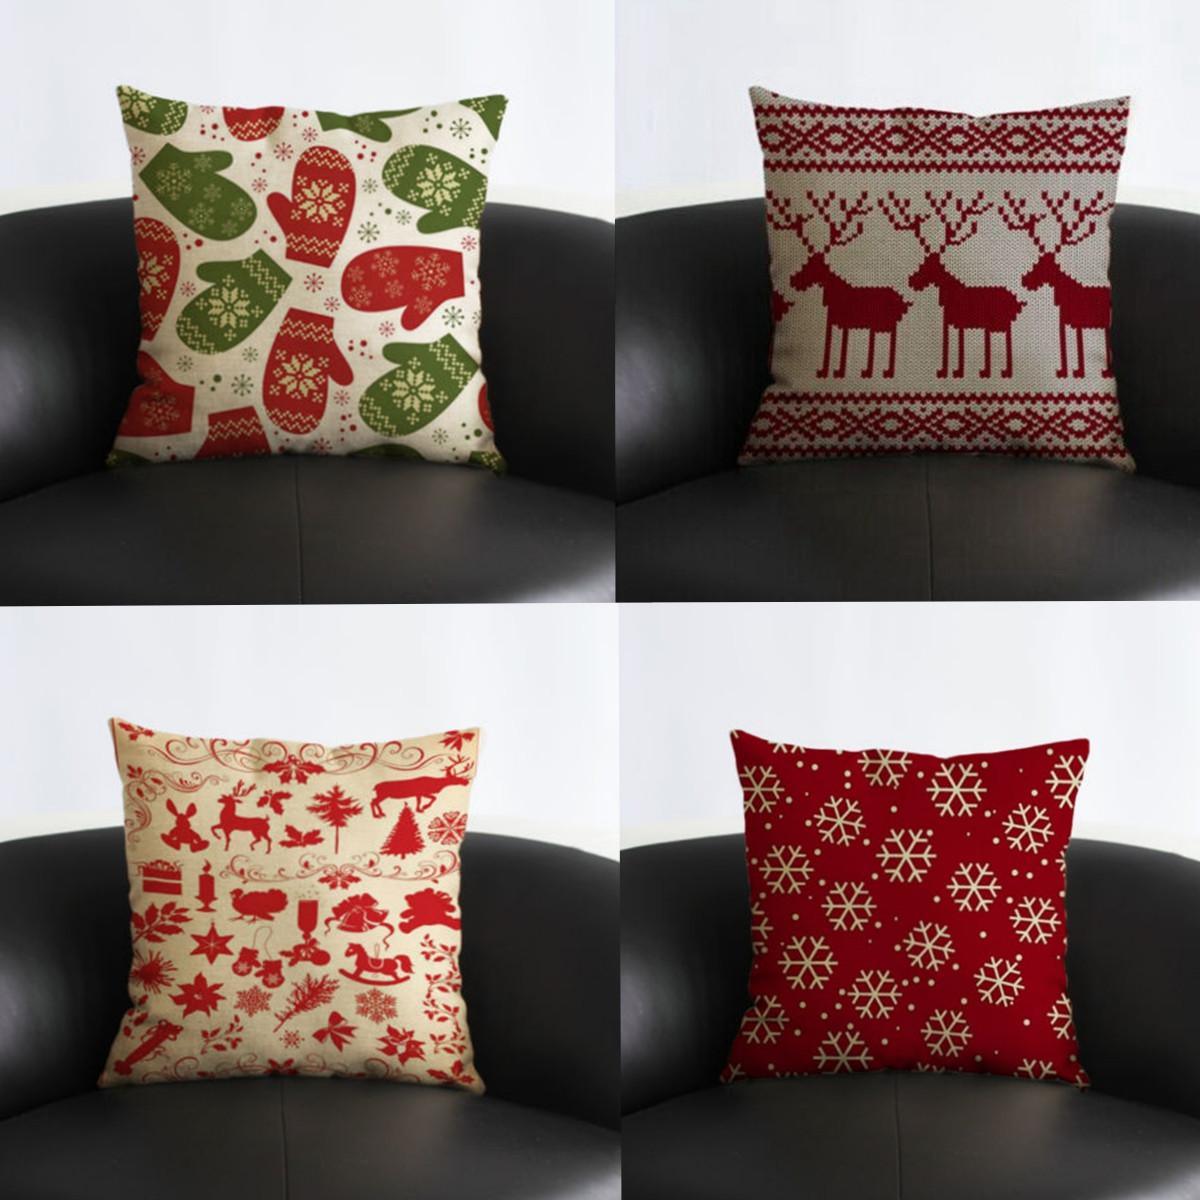 1x housse coussin cerf no l taie d 39 oreiller pillow d cor cover canap maison gants achat. Black Bedroom Furniture Sets. Home Design Ideas